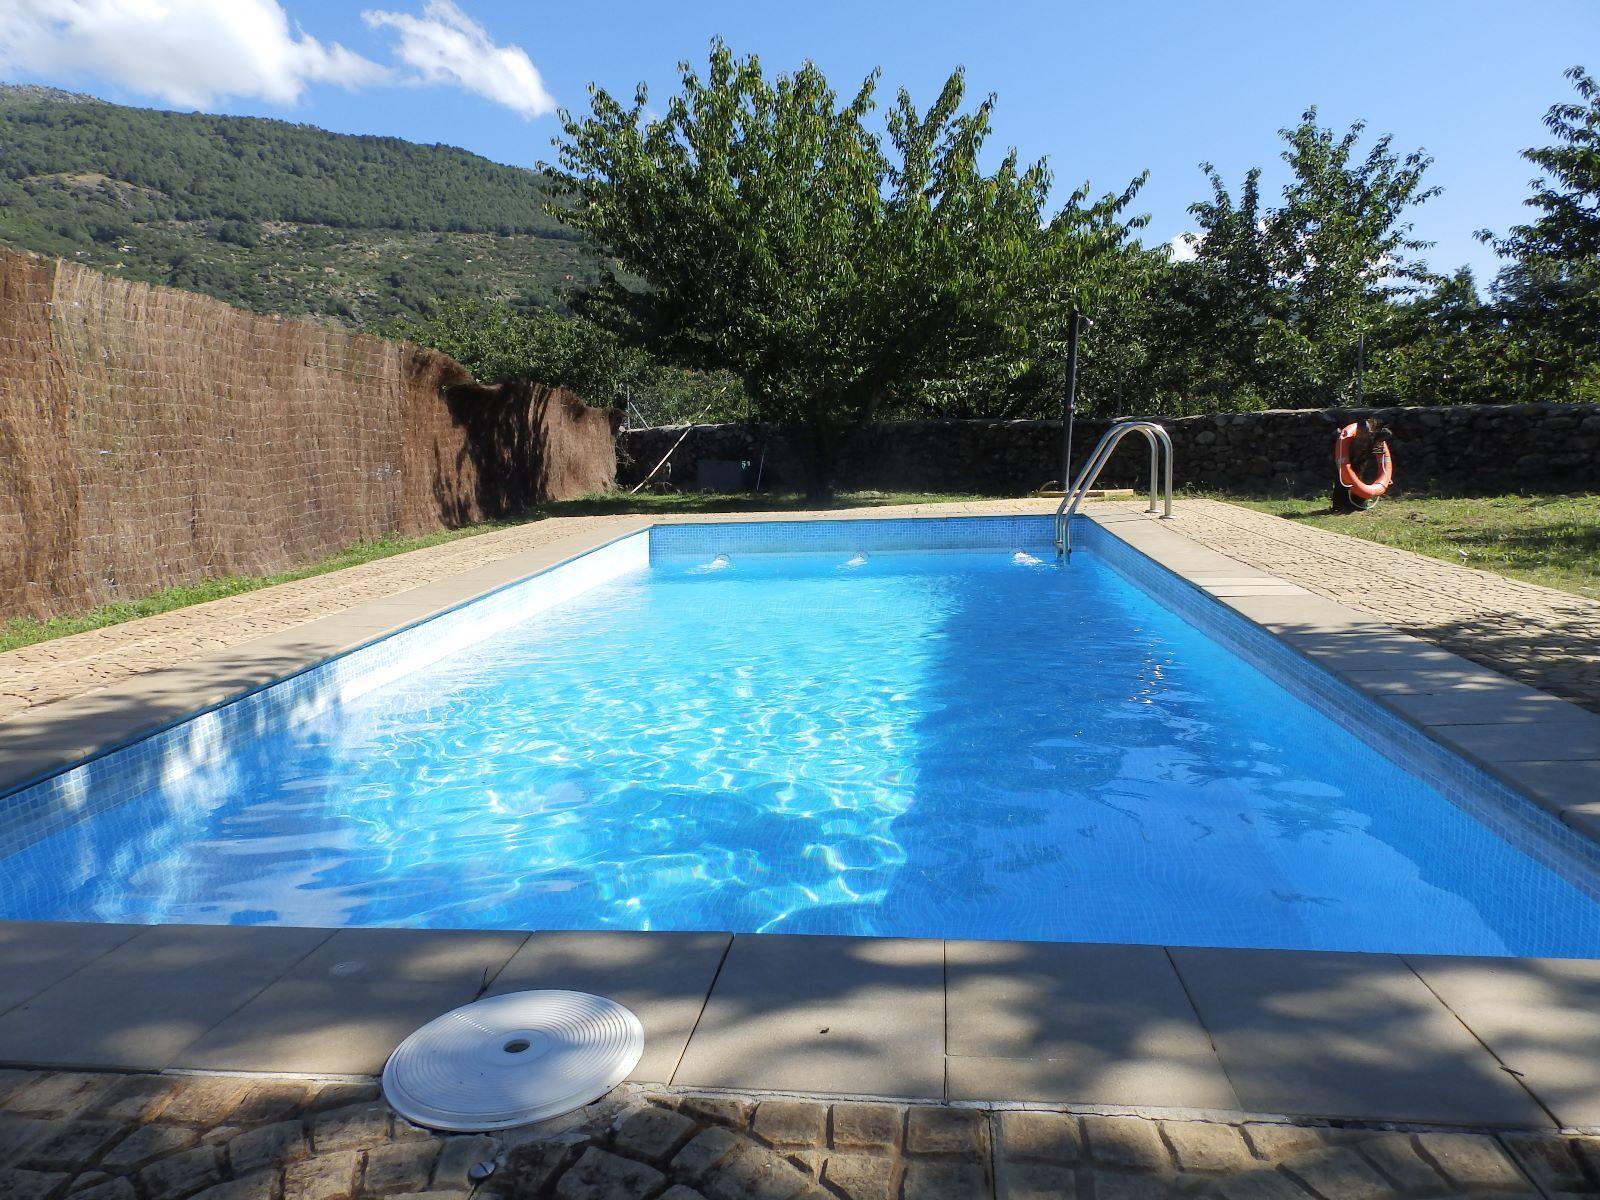 Opiniones sobre apartamentos rurales el rinc n del jerte - Casas rurales en el jerte con piscina ...